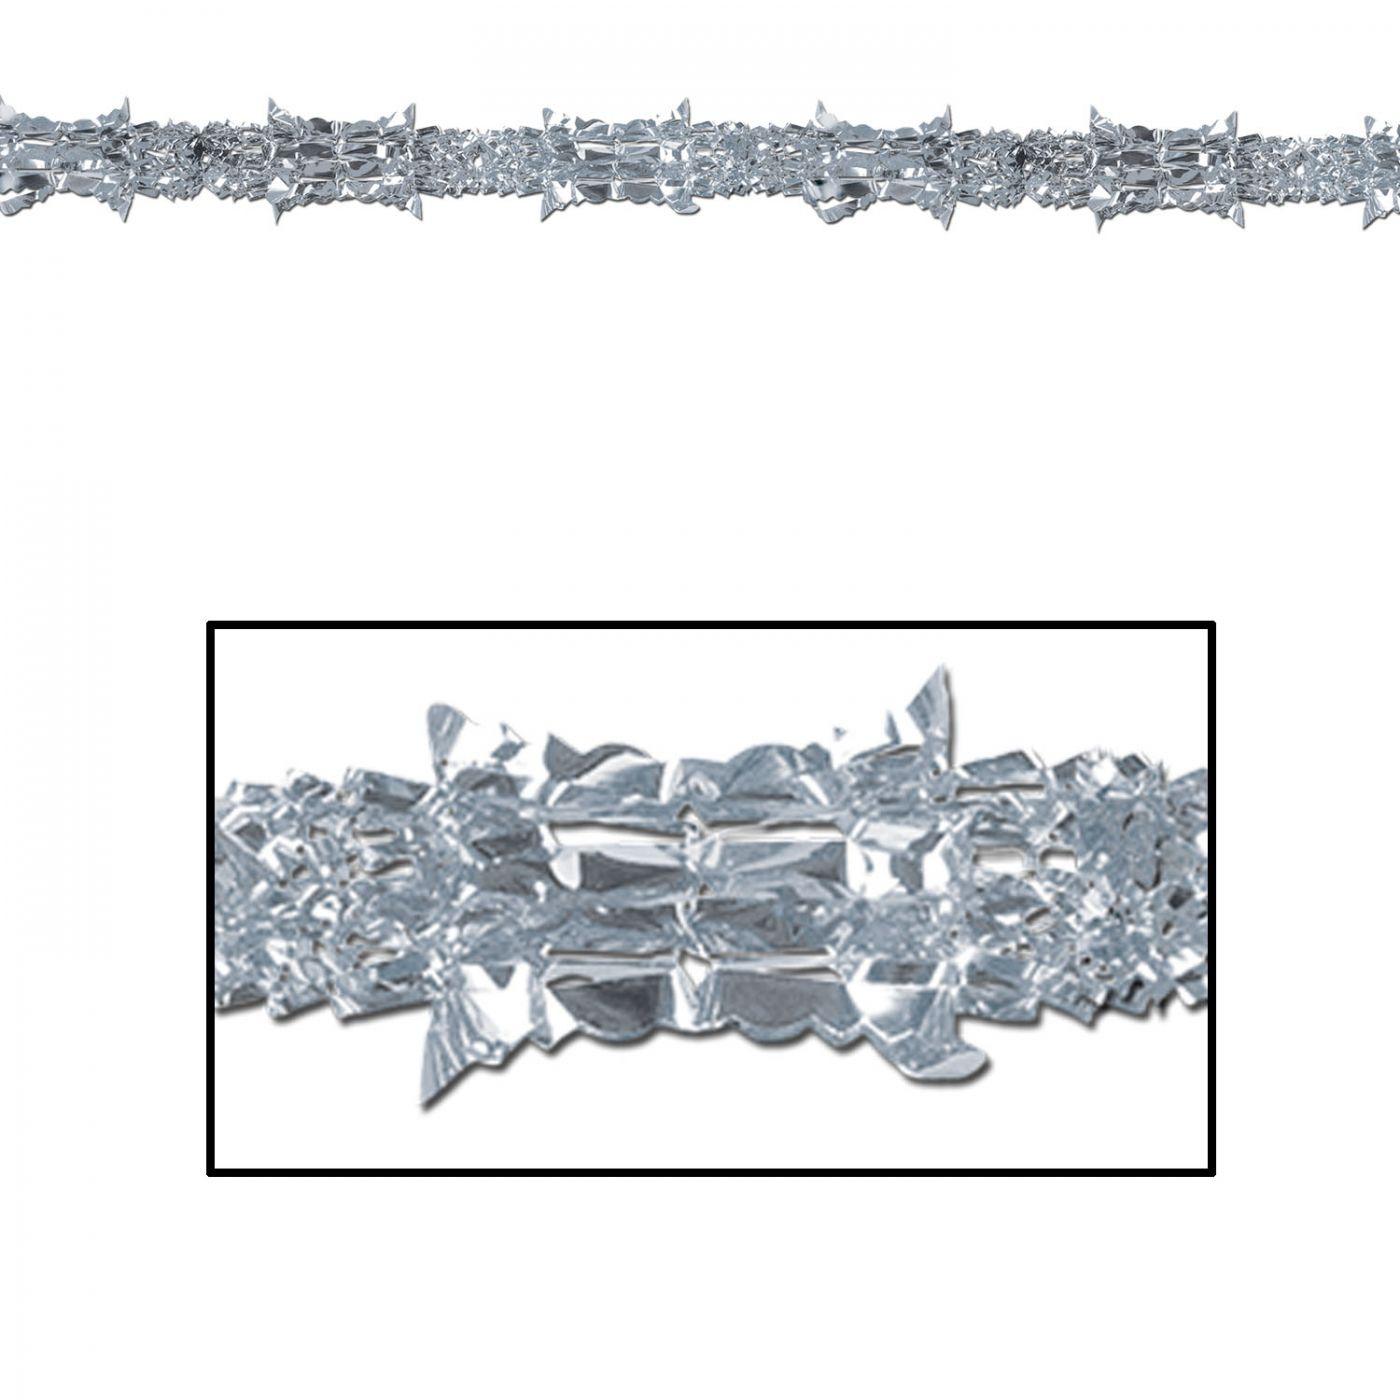 Metallic Garland image